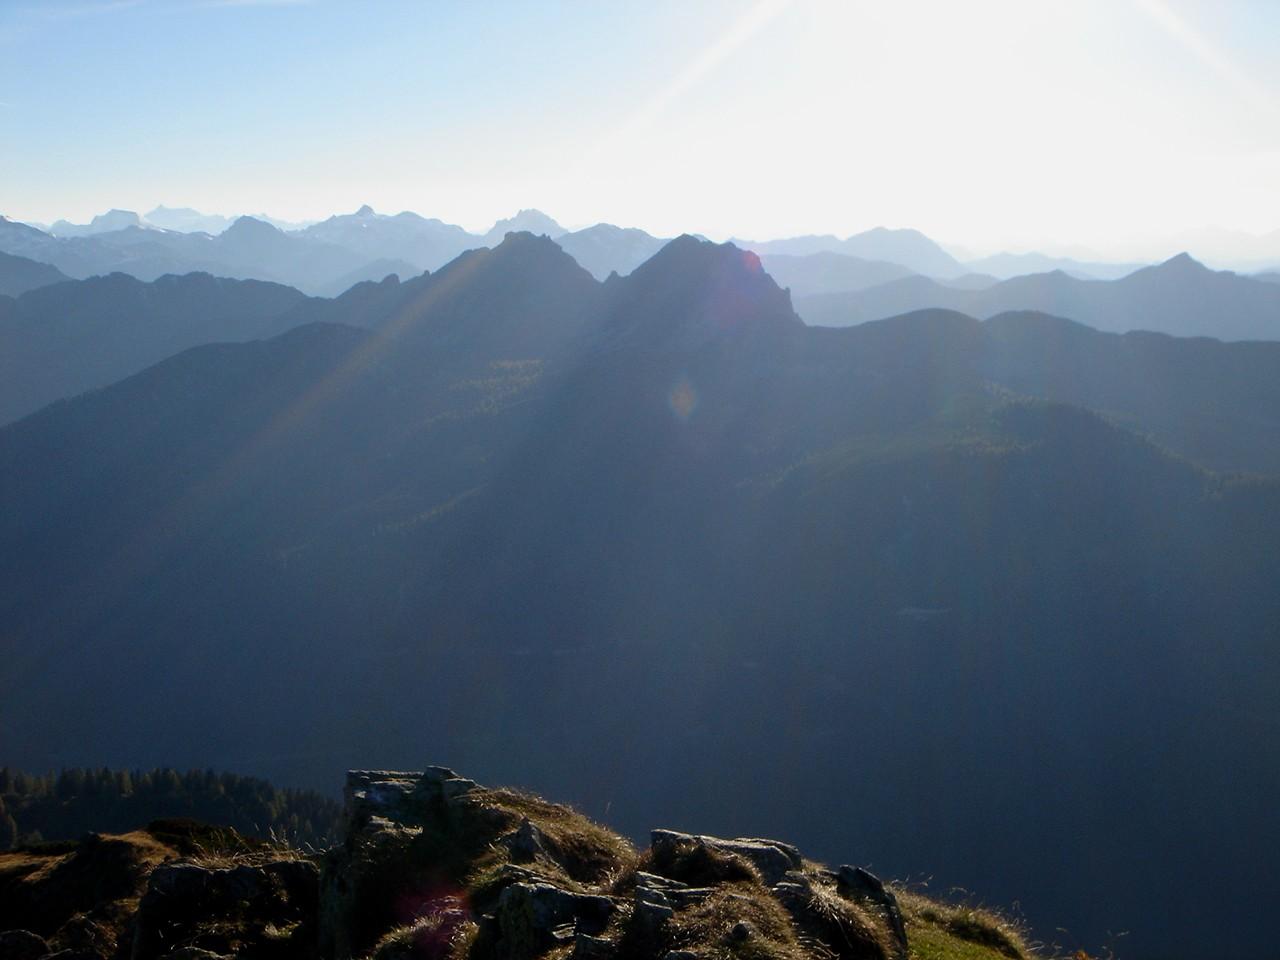 Foto: Manfred Karl / Wander Tour / Gipfelrunde von der Reiteralm auf den Schober (2133m) / Blick zu den Geißsteinen / 19.06.2007 05:56:39